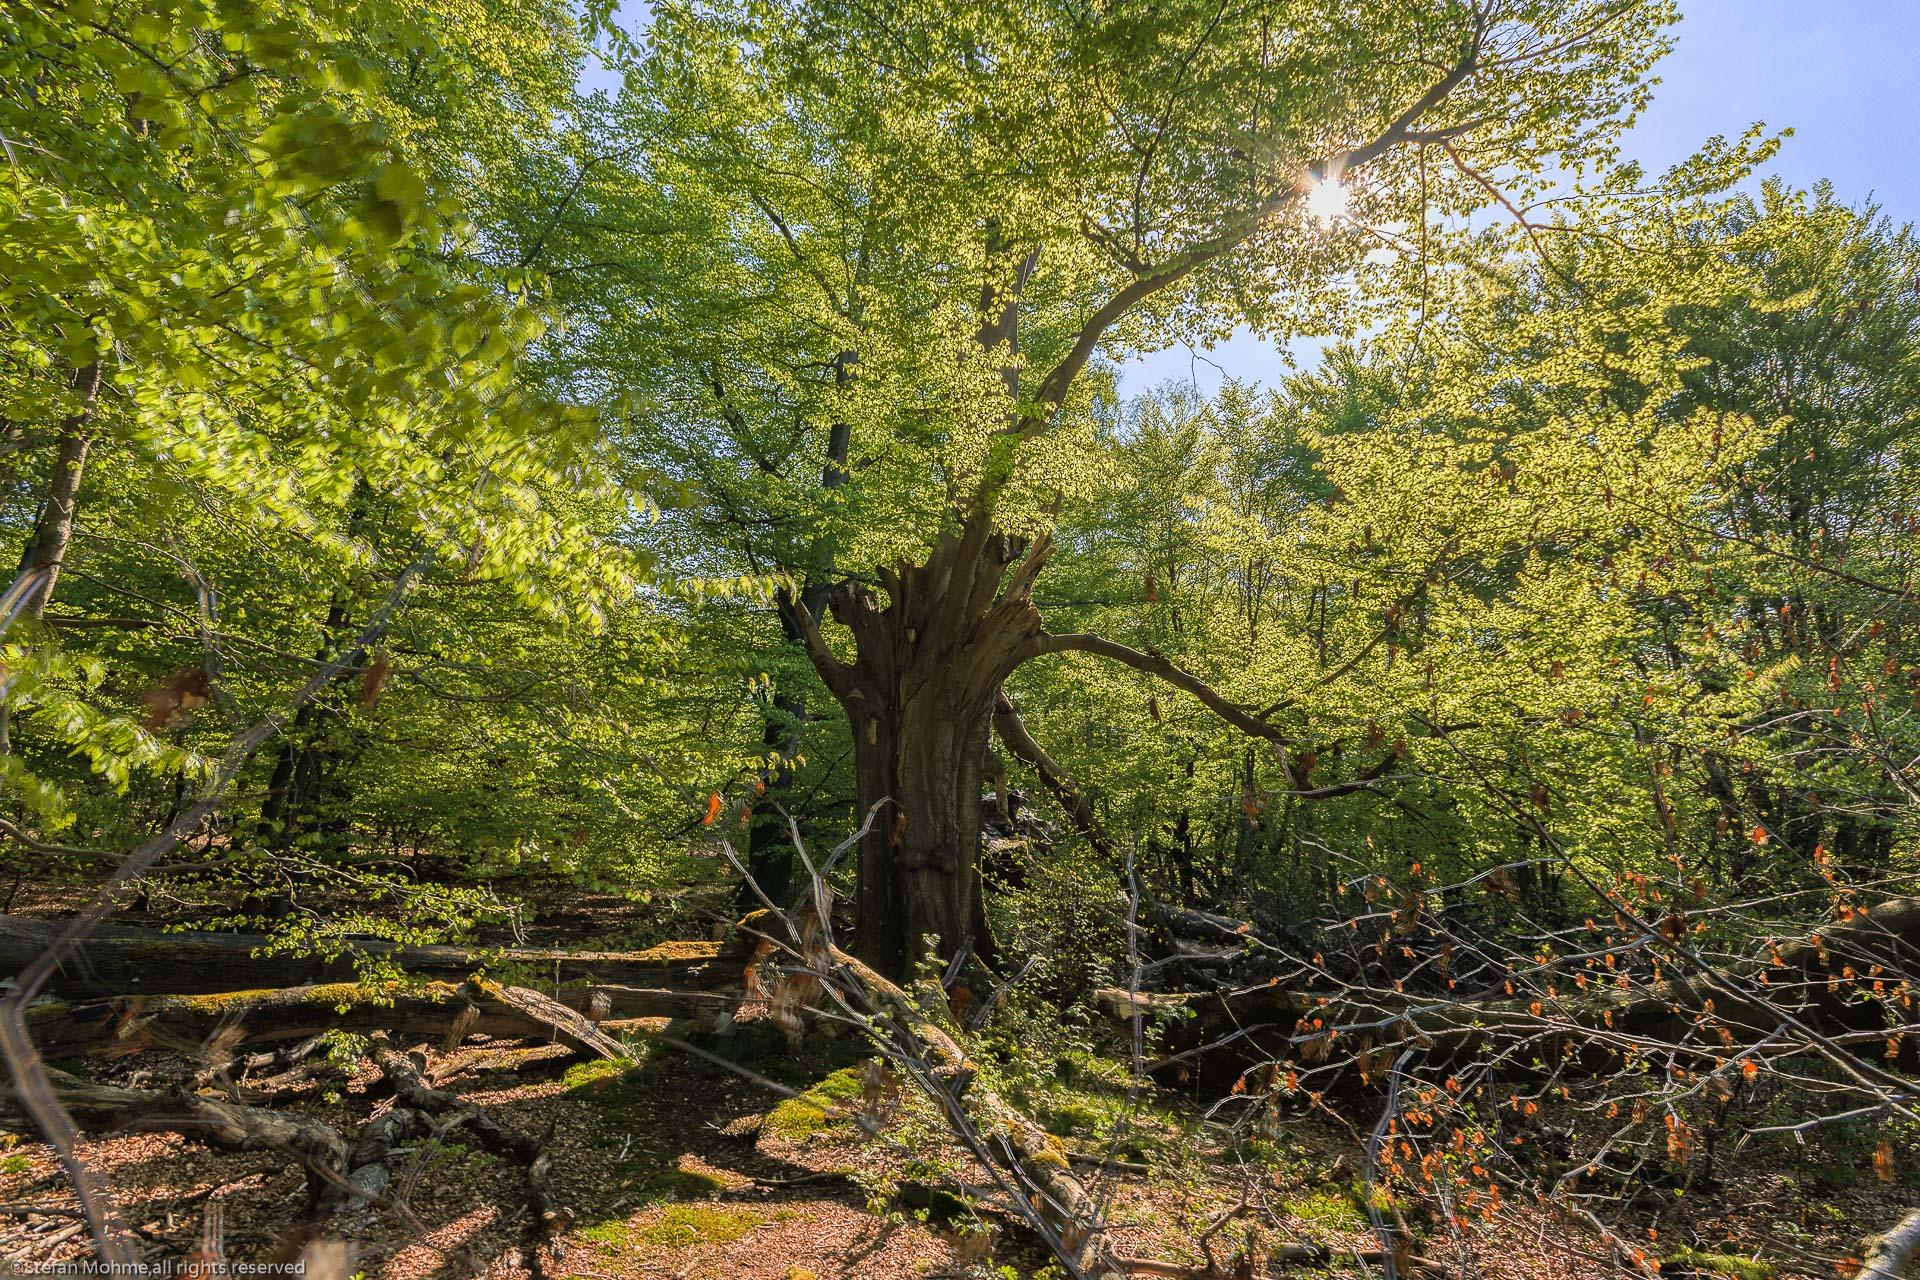 Alter Baum i8m Wald